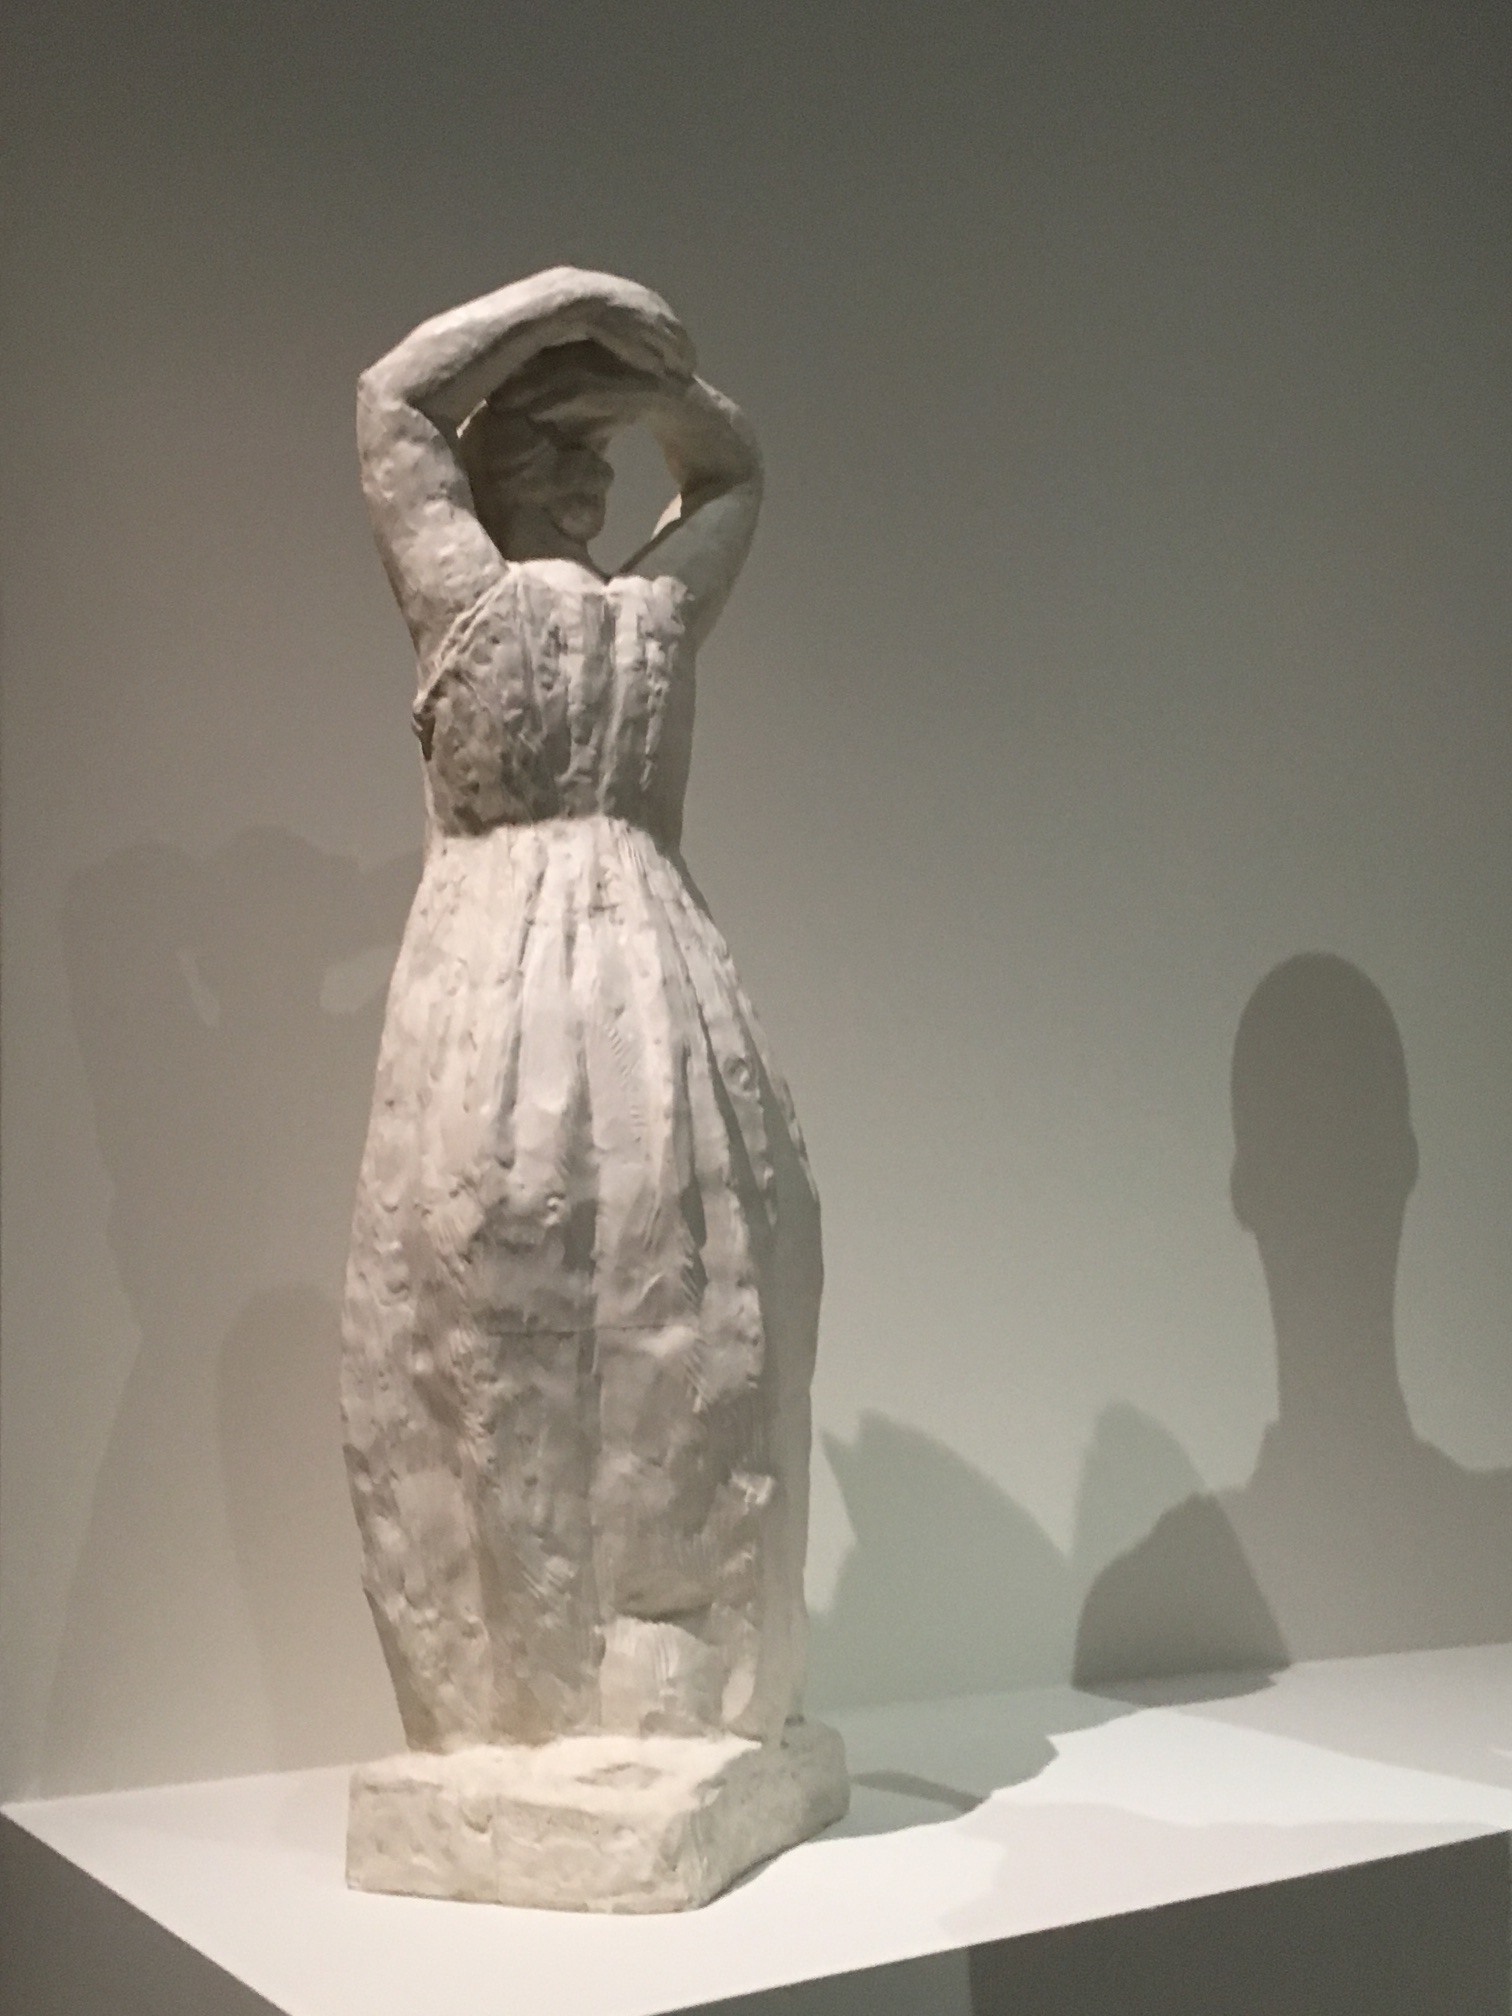 Mirush Bega, Paris, Musée Bourdelle, bras levés, 3 juillet 2019